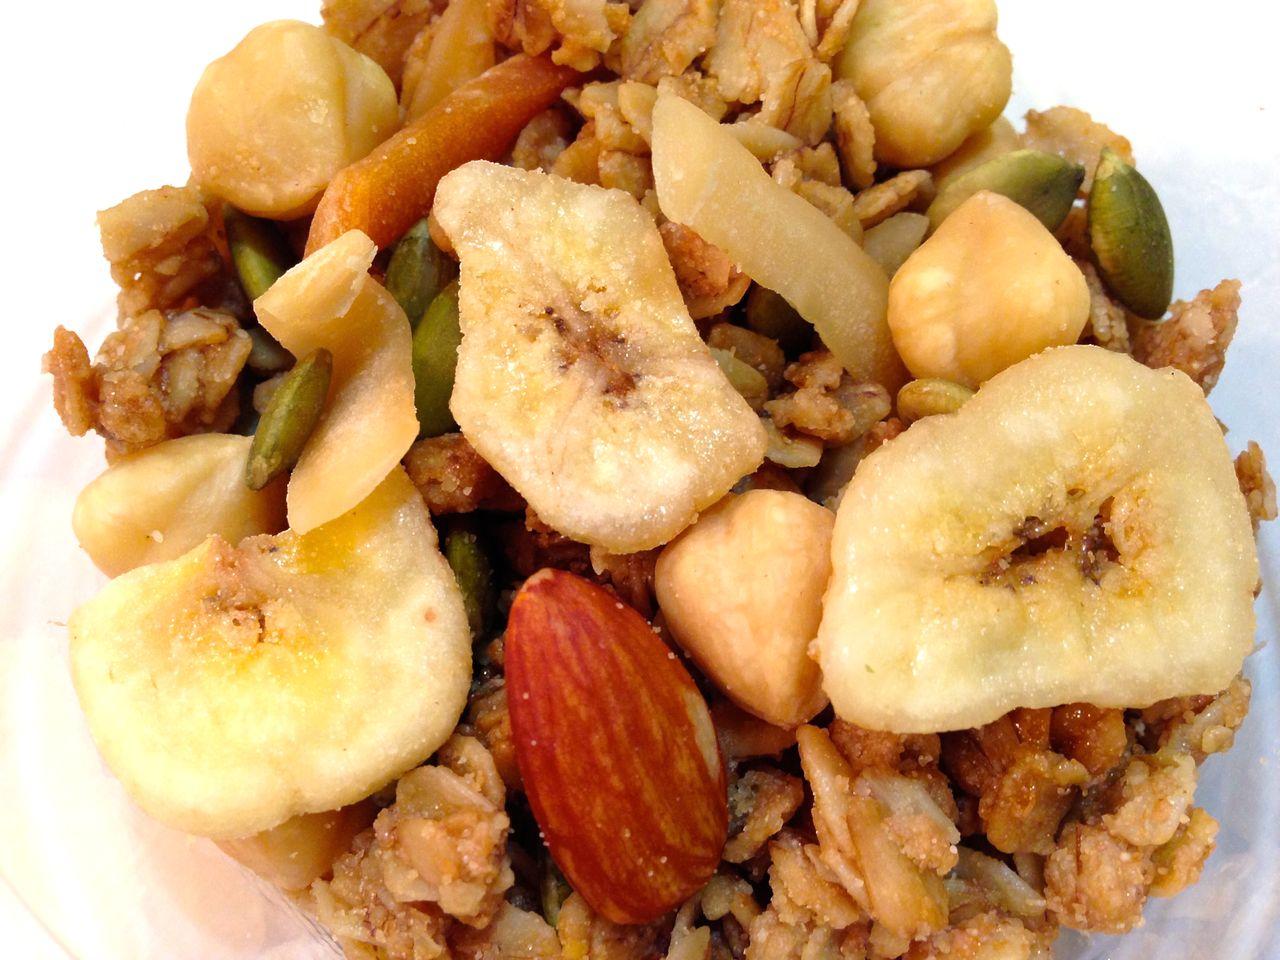 バナナココナッツ グラノーラ * Banana Coconut Granola 470g